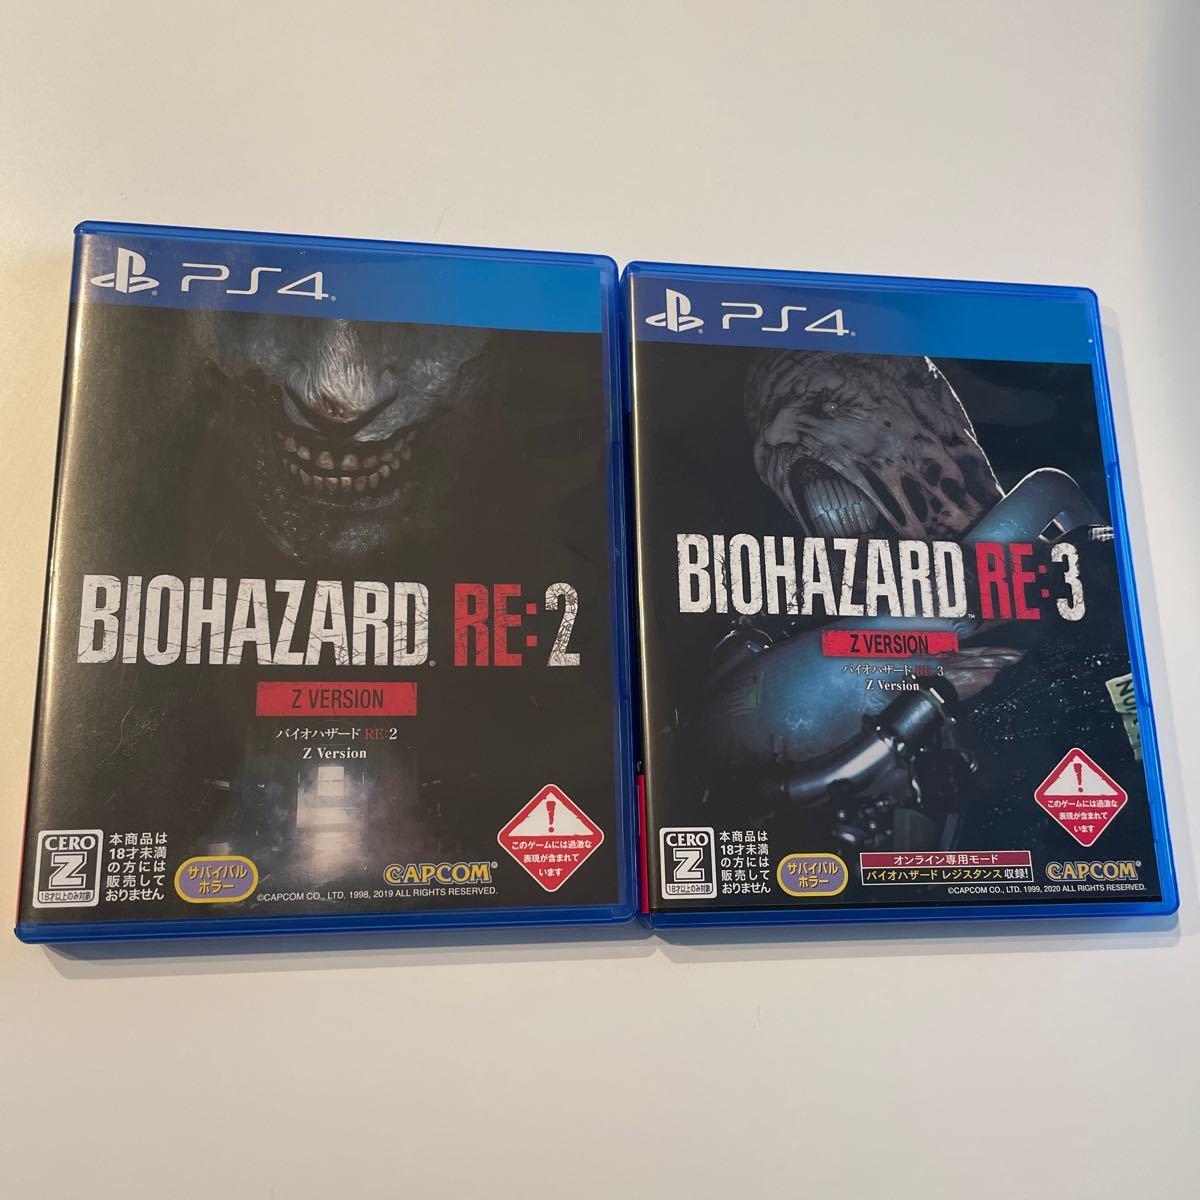 バイオハザードRE:2 バイオハザードRE:3 2本セット PS4 説明書付き